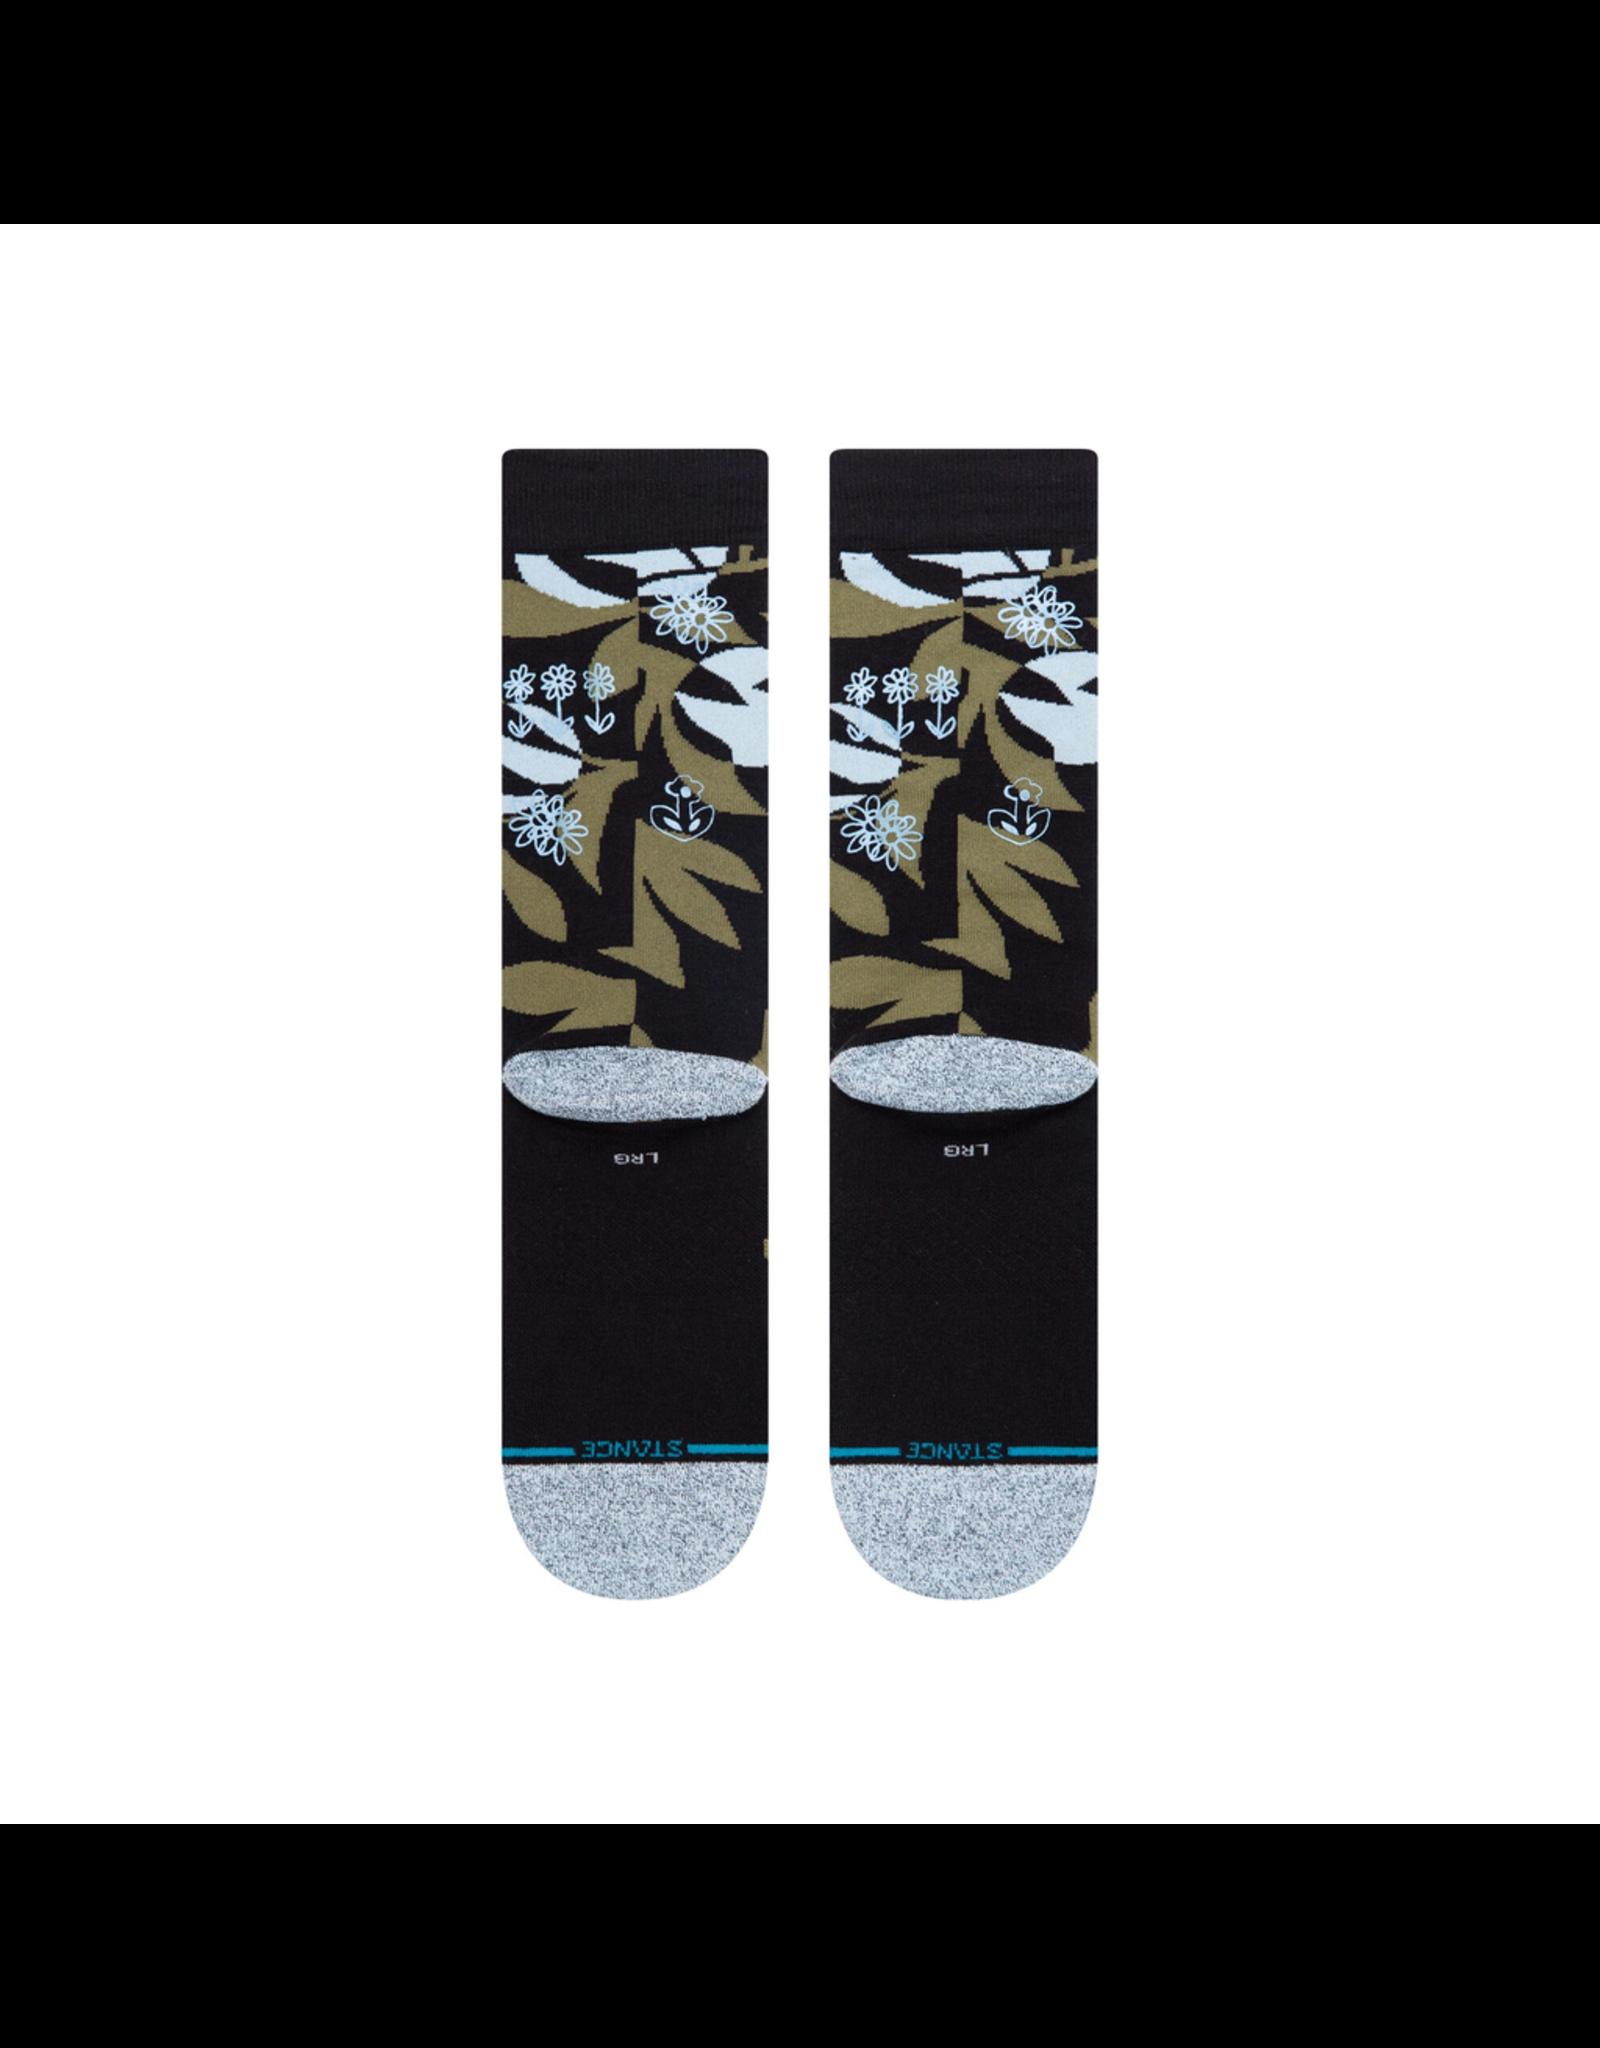 STANCE DALVIK Light Cushion Socks<br /> DALVIK